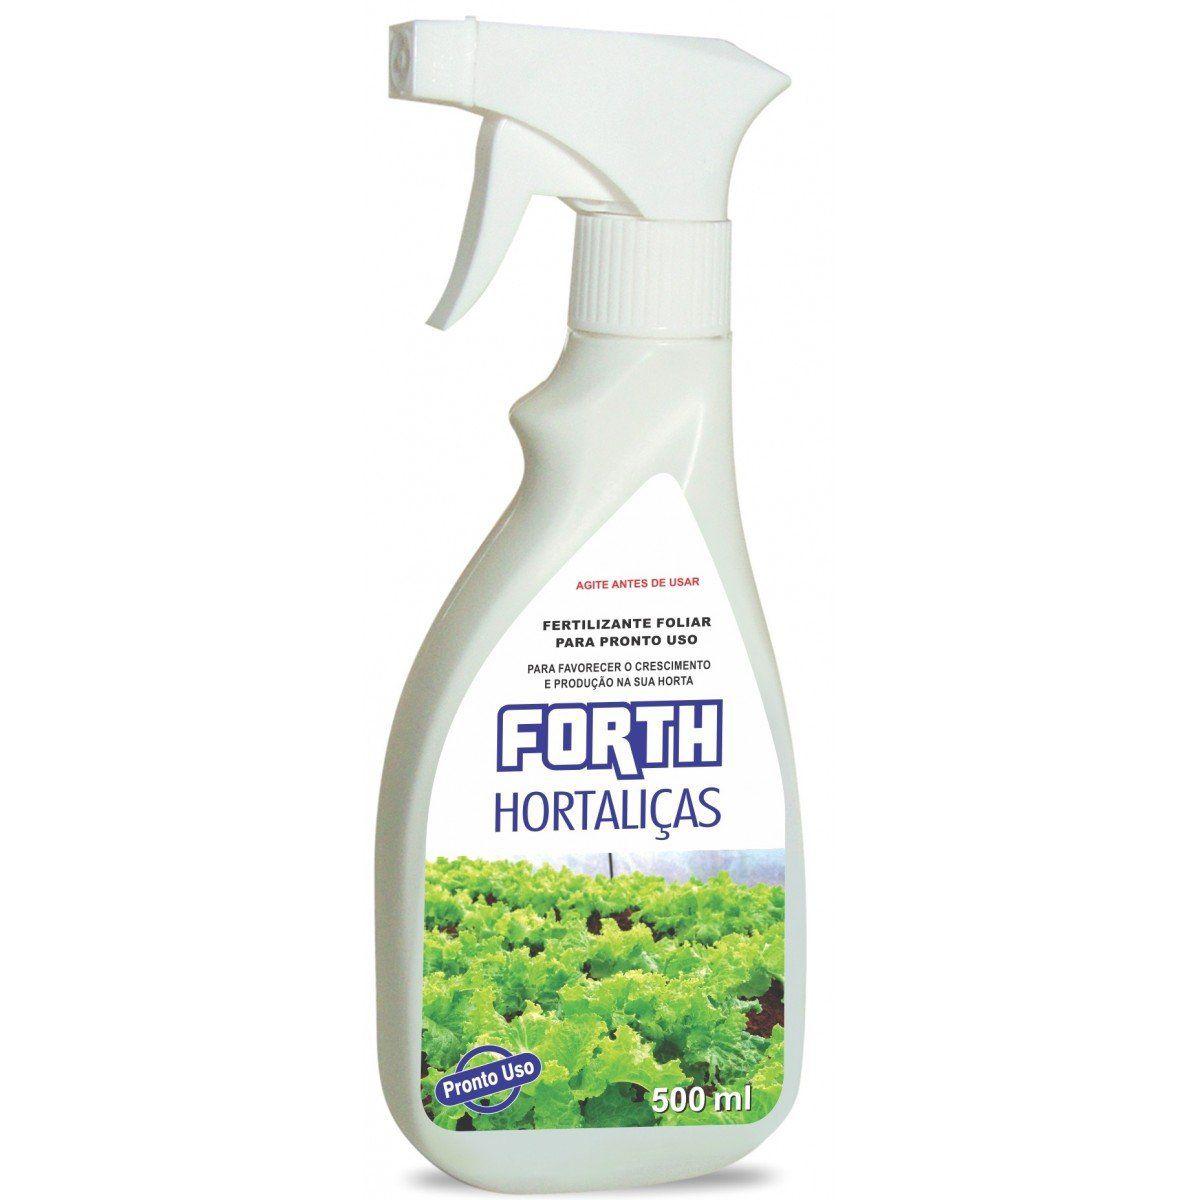 Forth Hortaliças 500ml pronto para uso